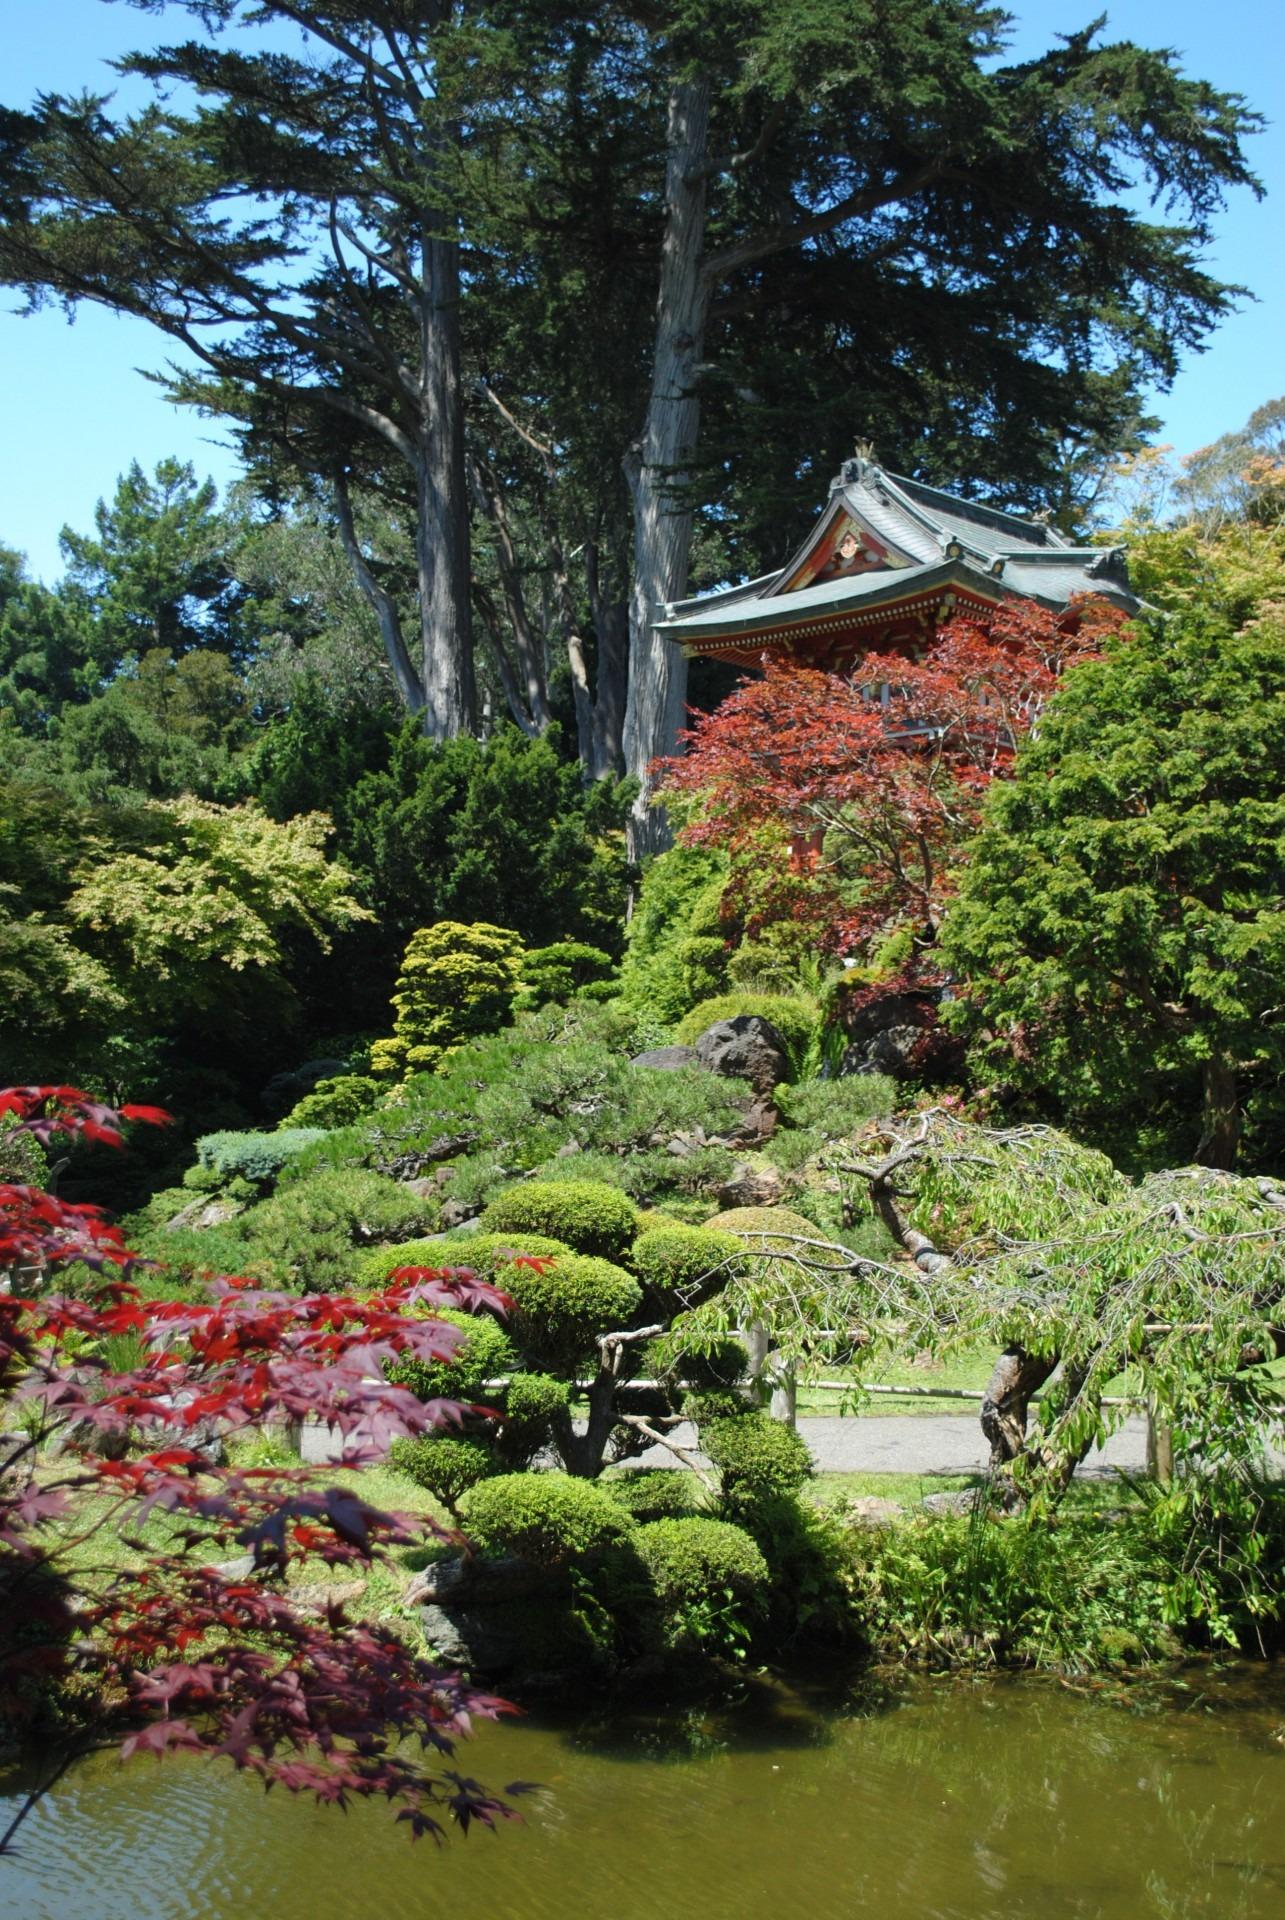 Images Gratuites : arbre, plante, pelouse, feuille, fleur, San ...